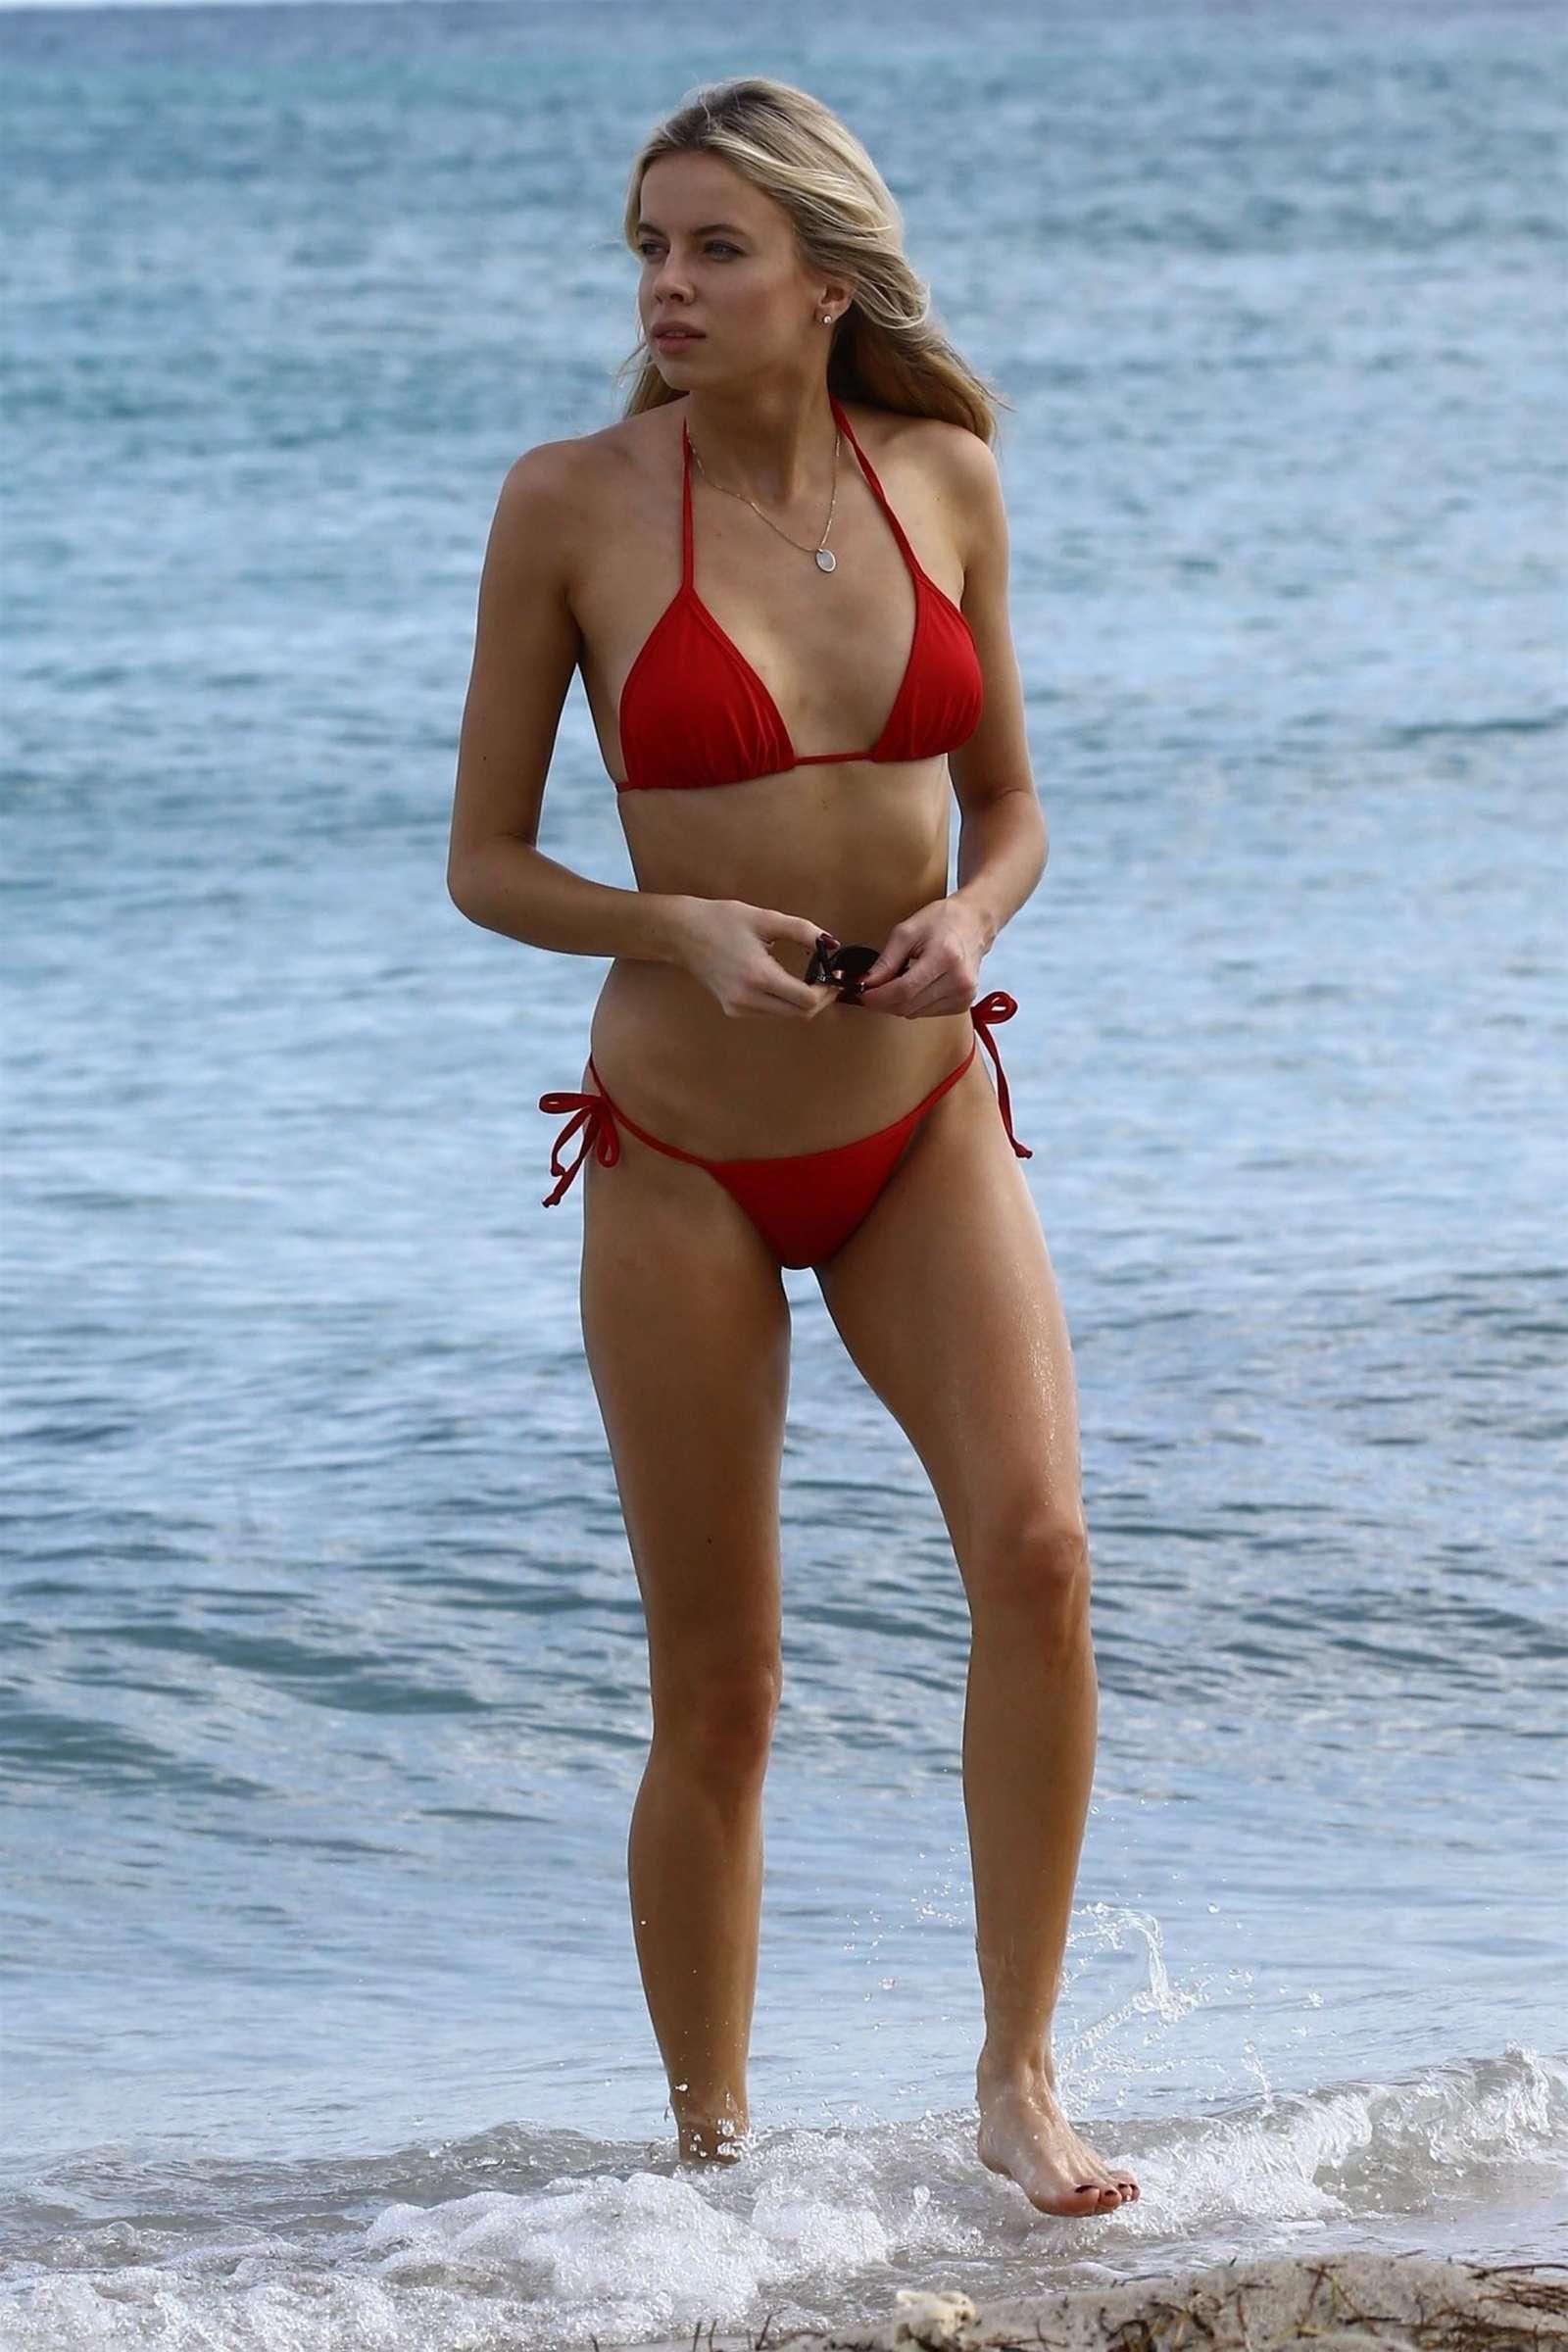 Louisa Warwick 2017 : Louisa Warwick in Red Bikini 2017 -01